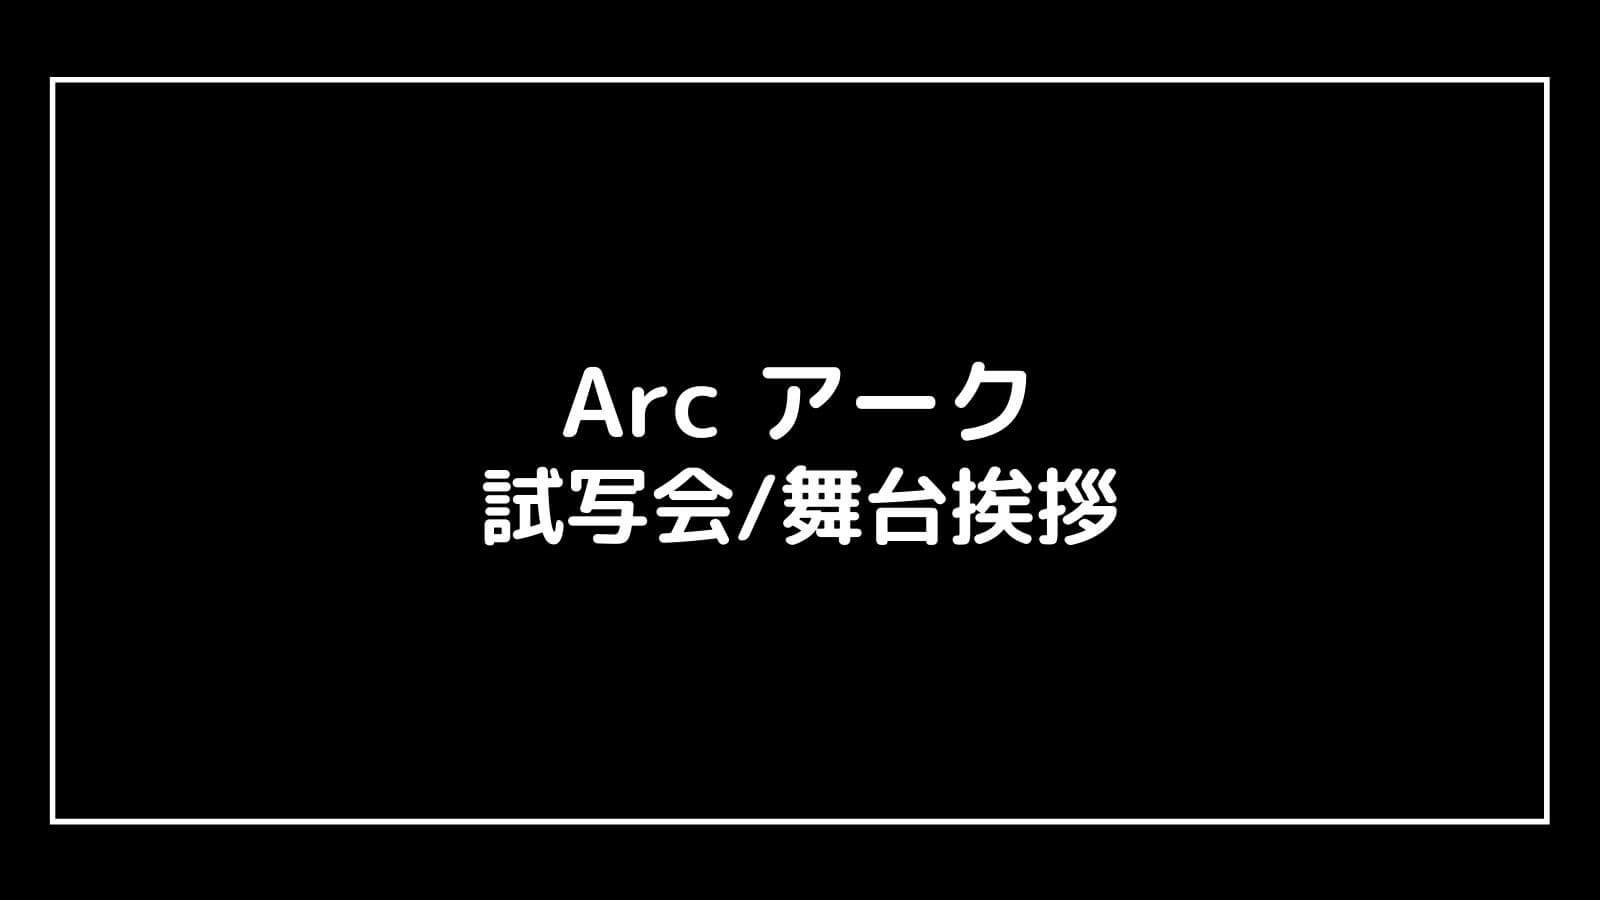 映画『Arc アーク』の試写会と舞台挨拶ライブビューイング情報